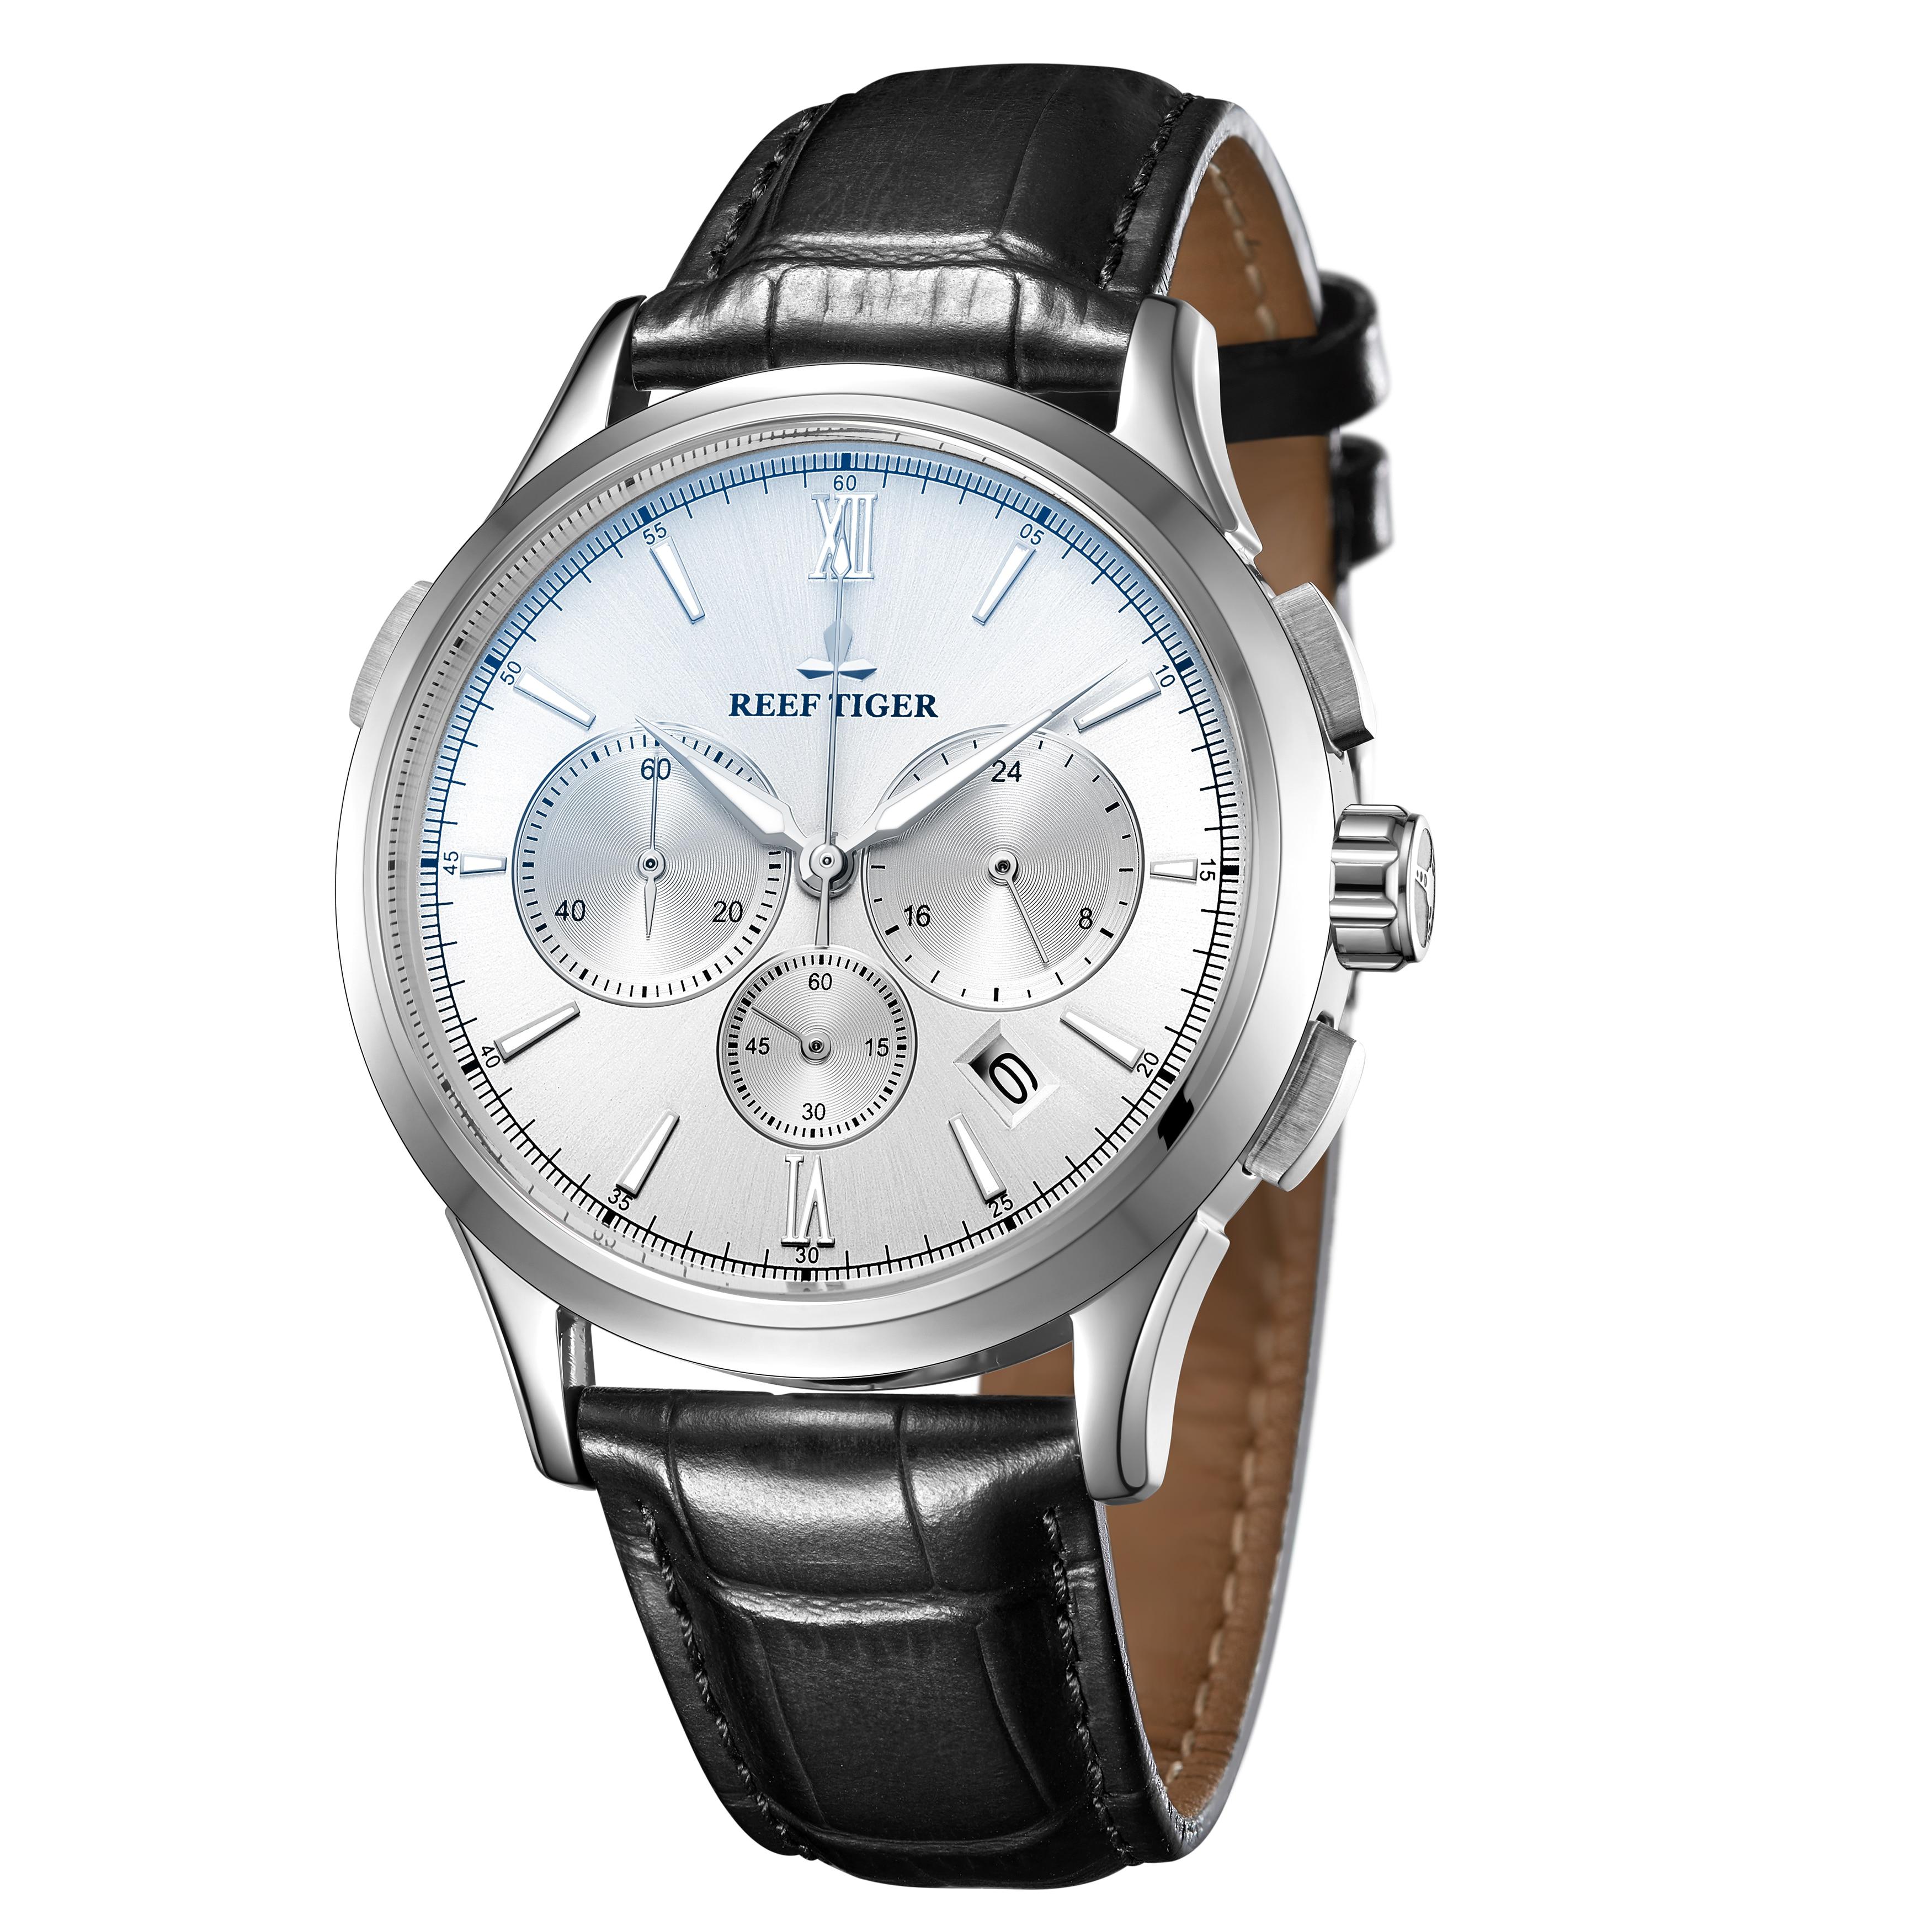 Récif tigre/RT marque de luxe montre Date cadran blanc étanche en acier inoxydable montre à Quartz montre bracelet en cuir RGA1669 - 2